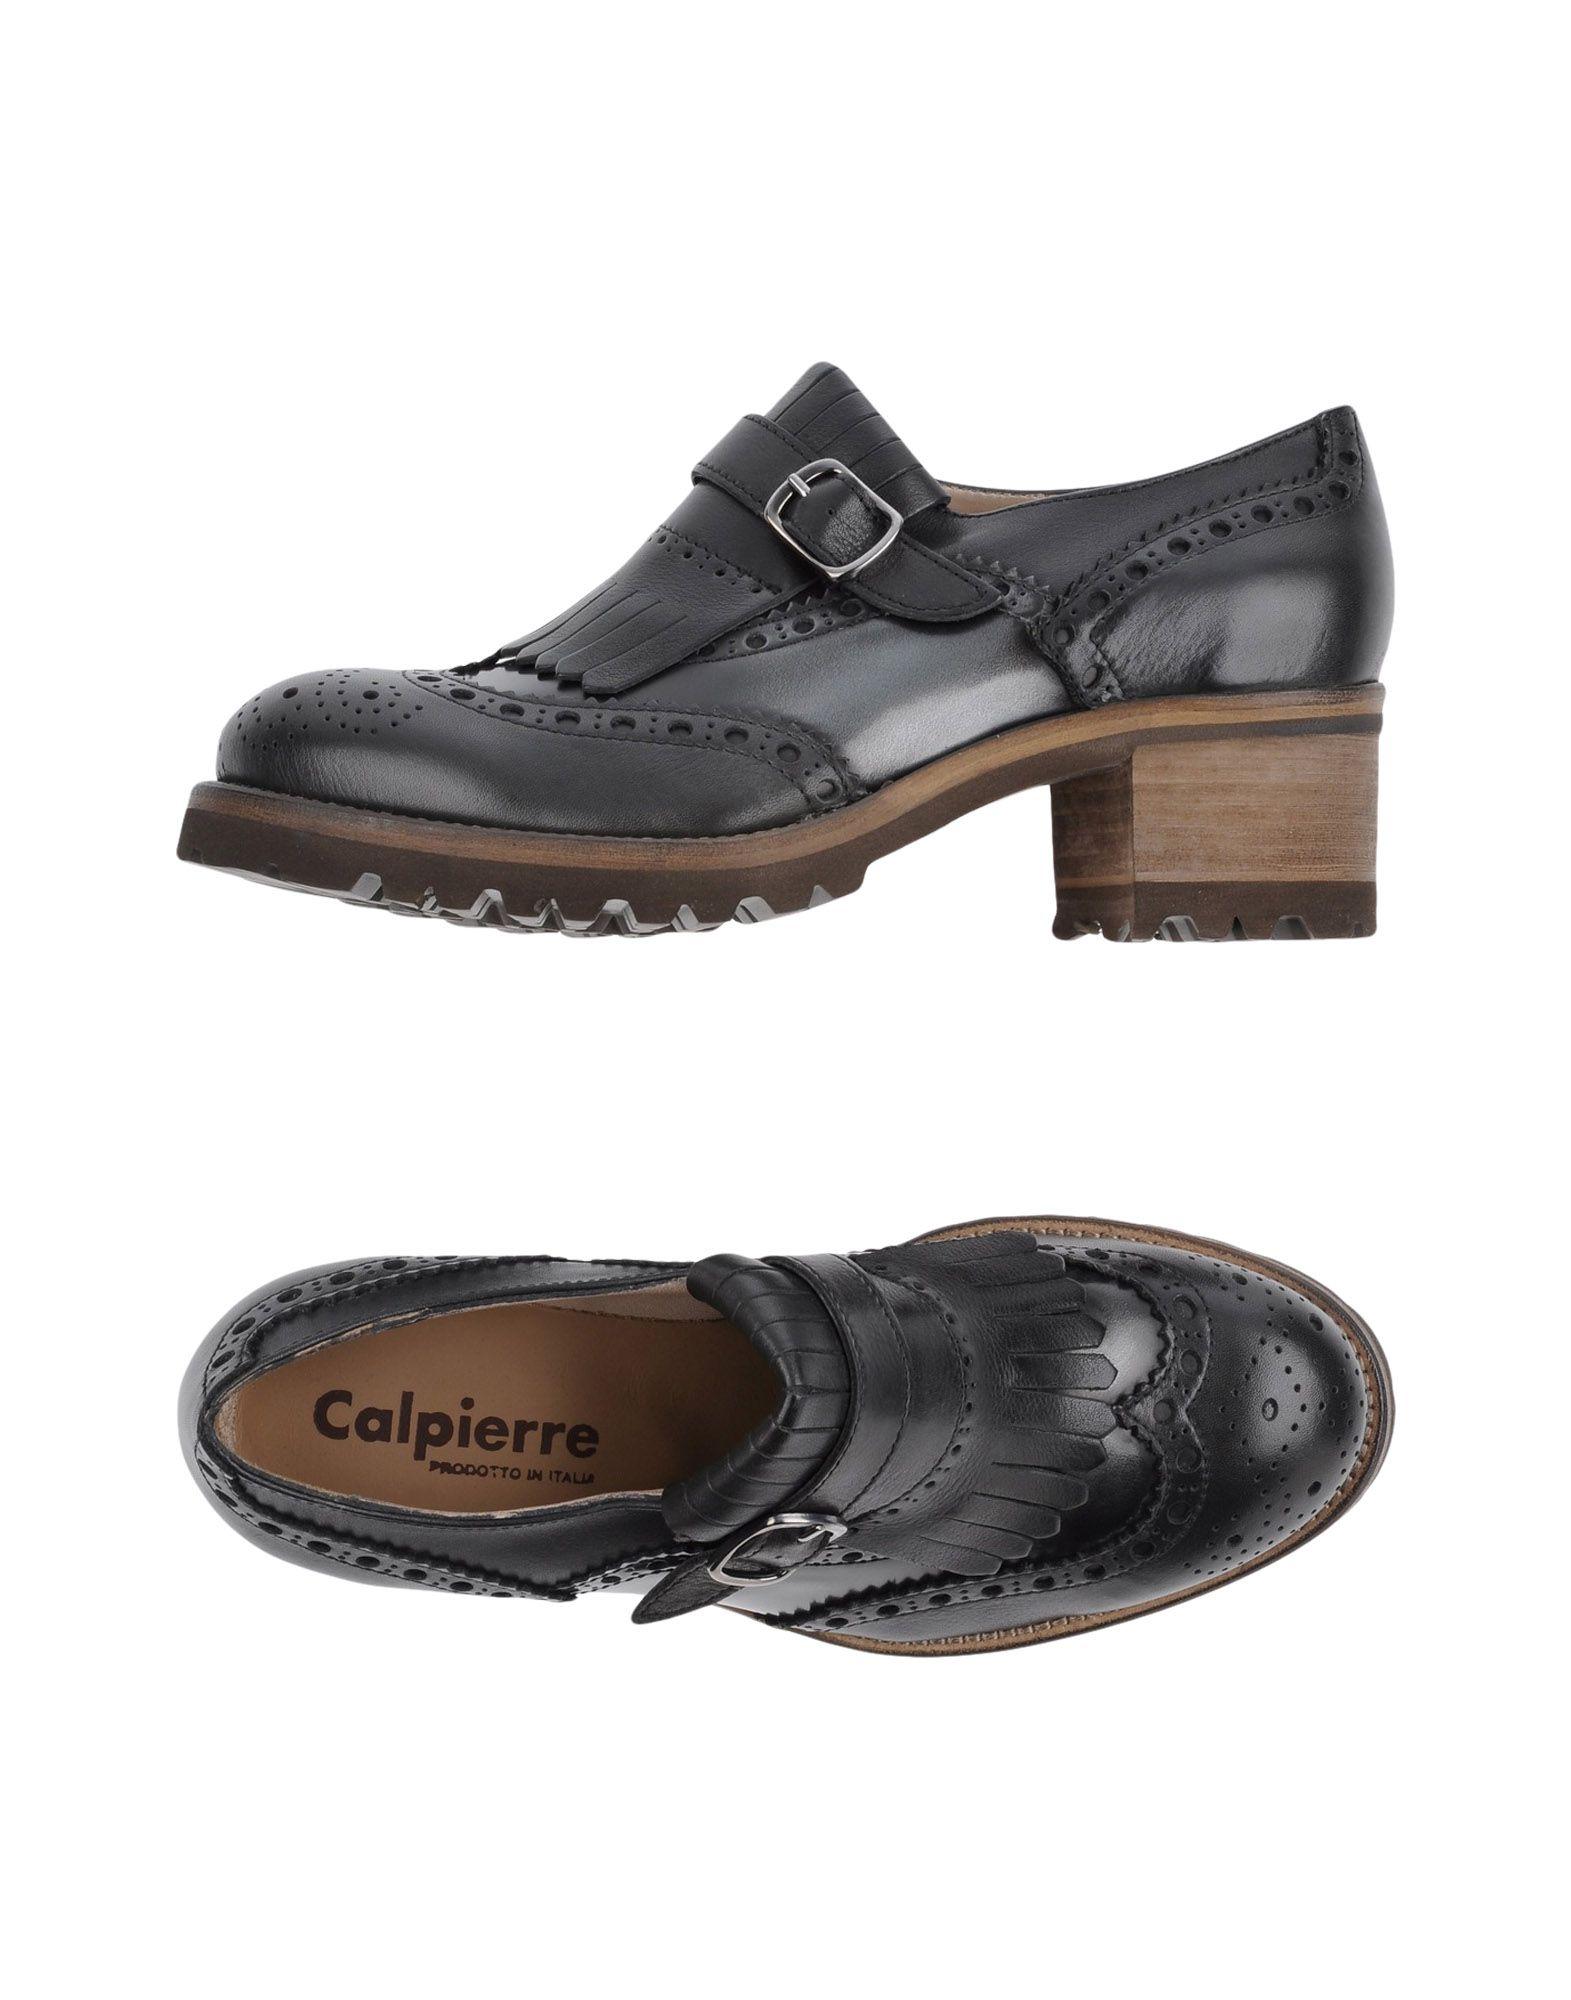 Calpierre Mokassins Damen Qualität  11328596PU Gute Qualität Damen beliebte Schuhe 476ca7